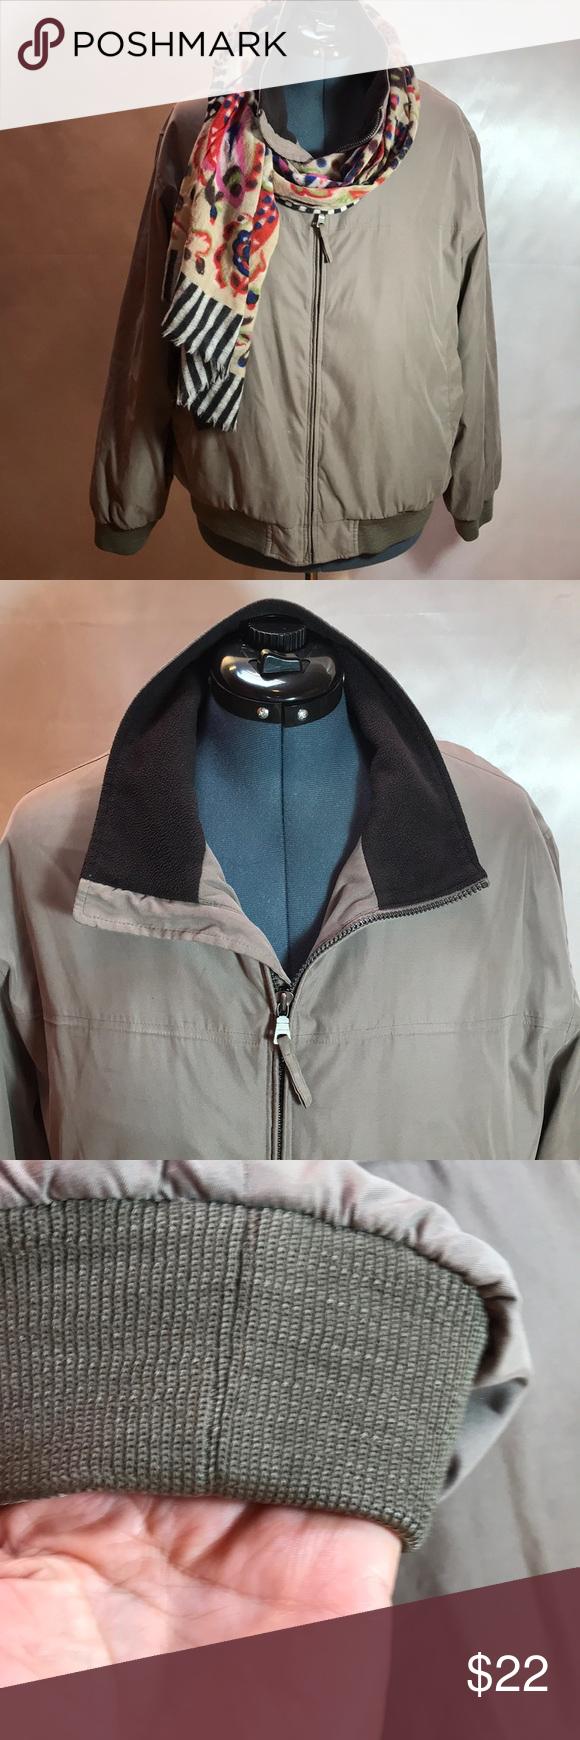 Liz Claiborne Outerwear Microfiber Fleece Jacket L Liz Claiborne Fleece Jacket Clothes Design [ 1740 x 580 Pixel ]